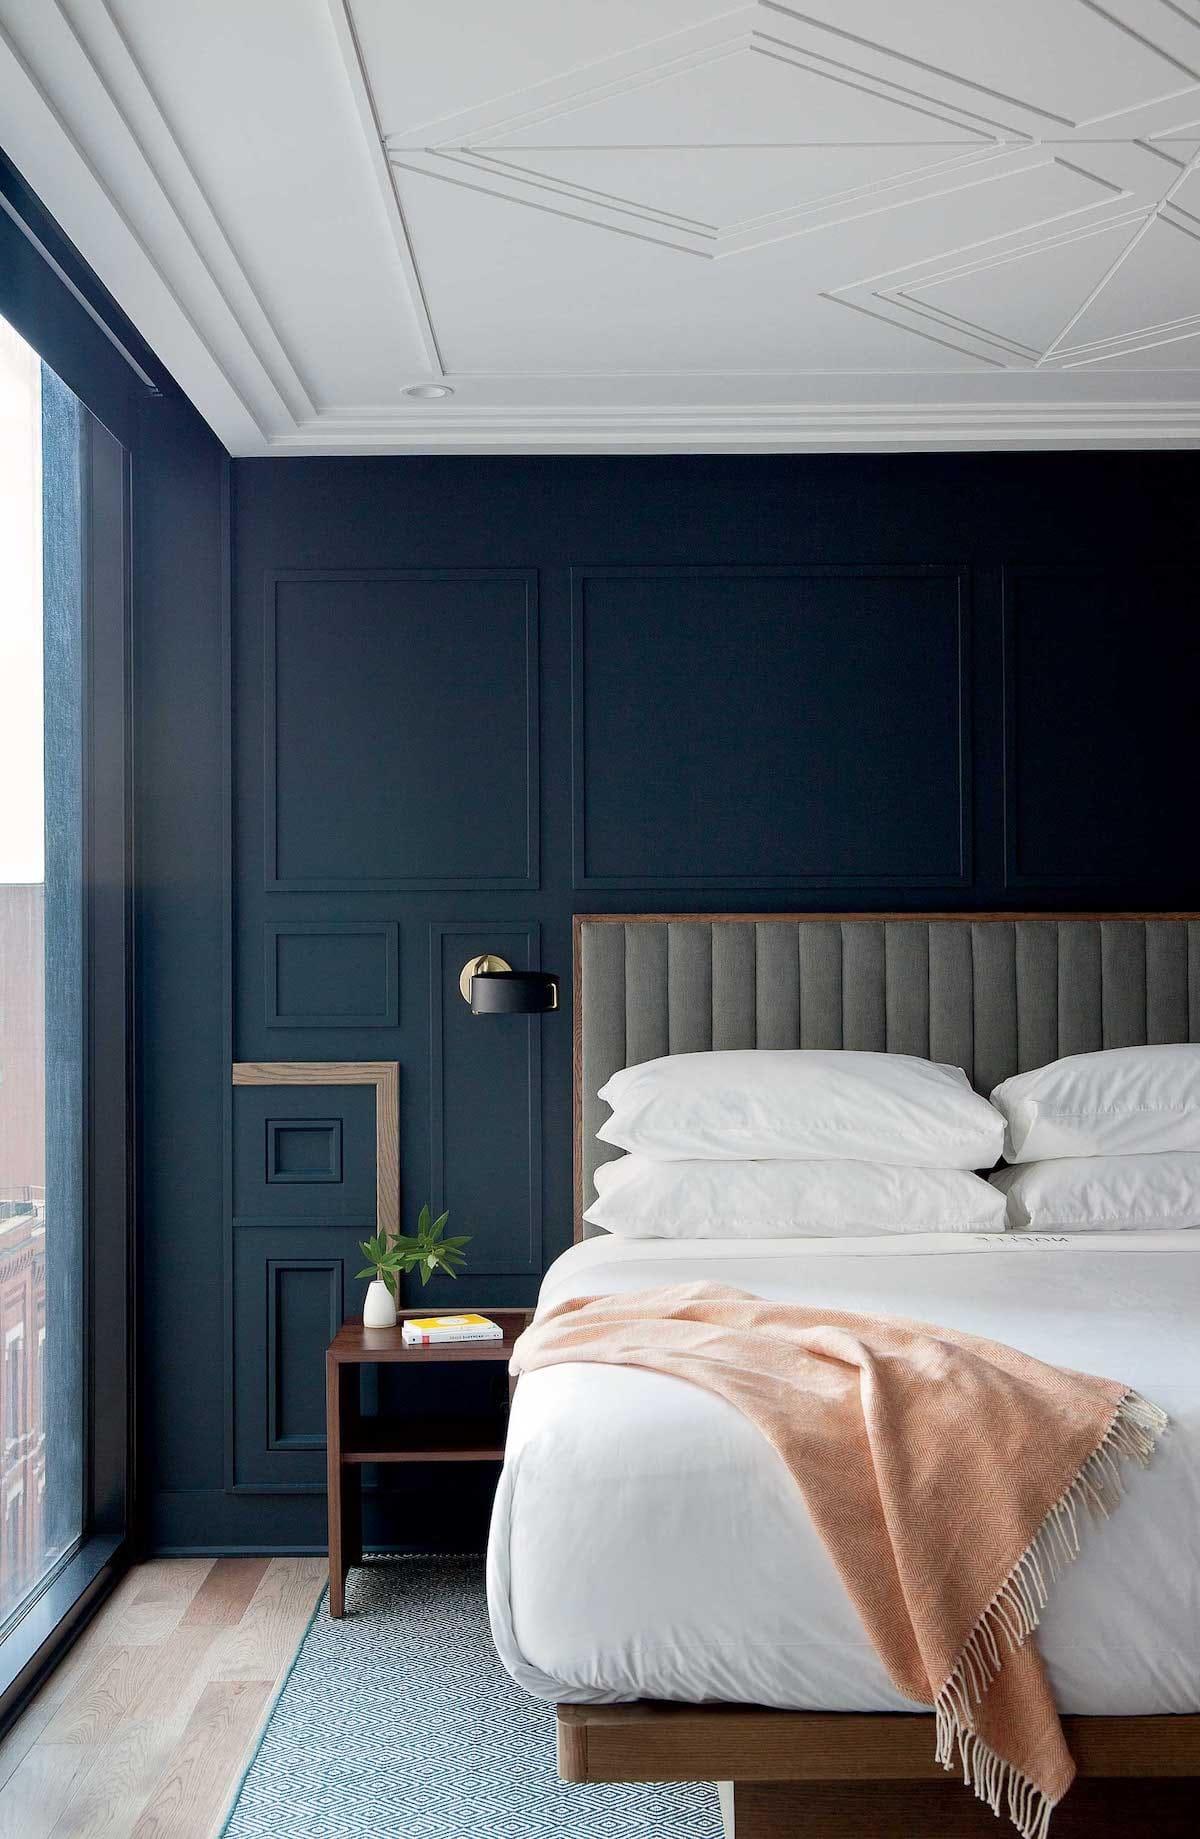 красивый дизайн потолка фото 53